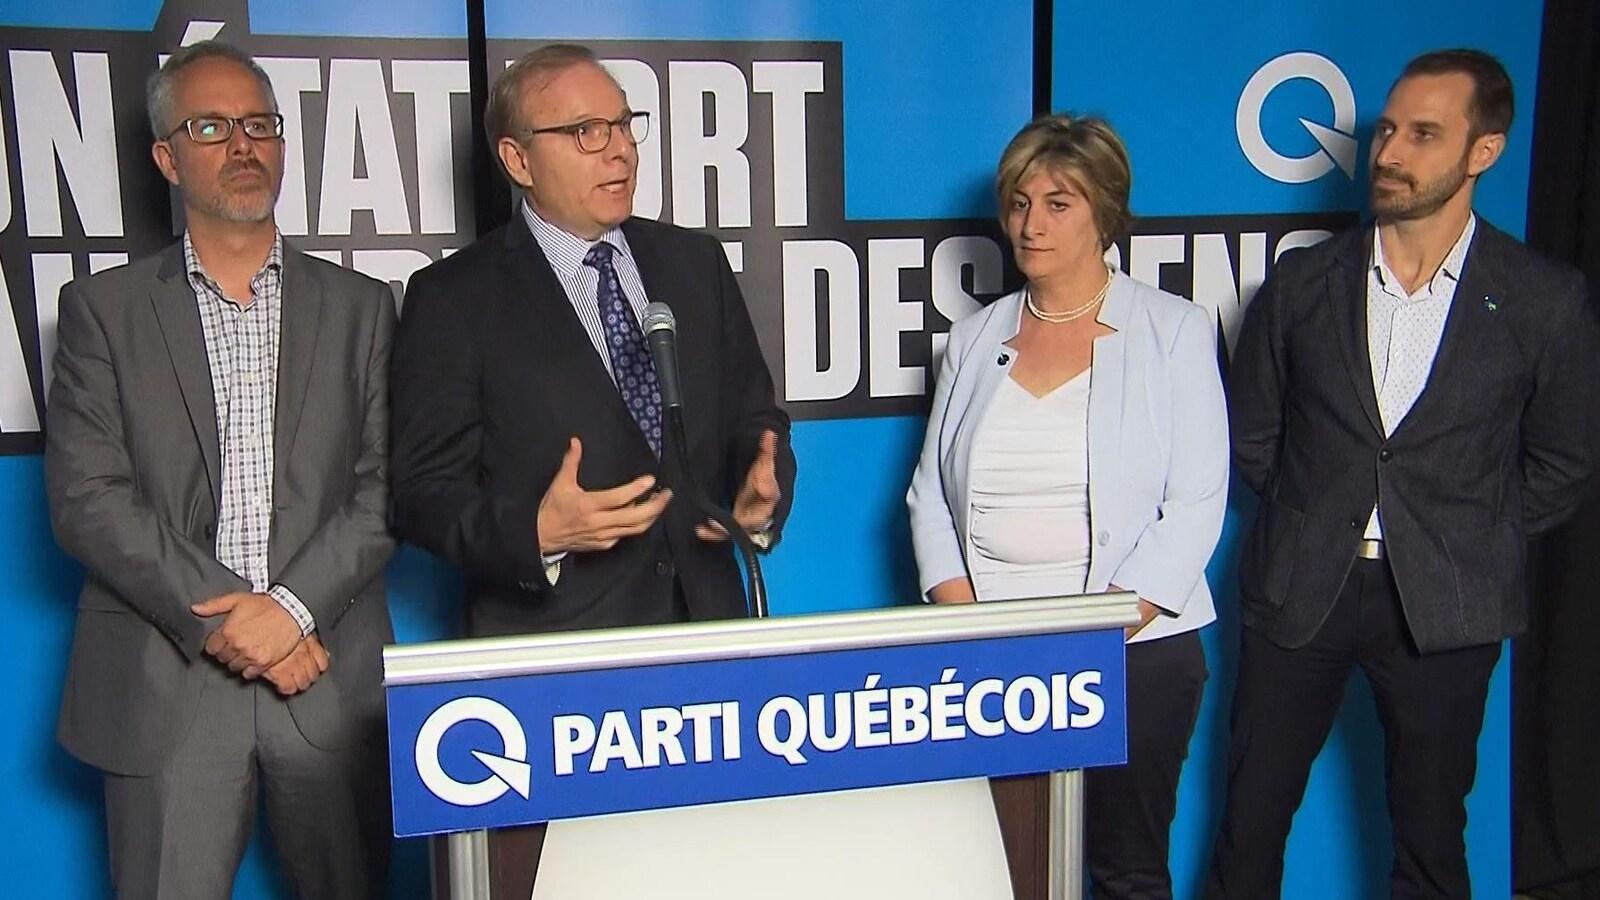 Les candidats écoutent le discours de Jean-François Lisée.